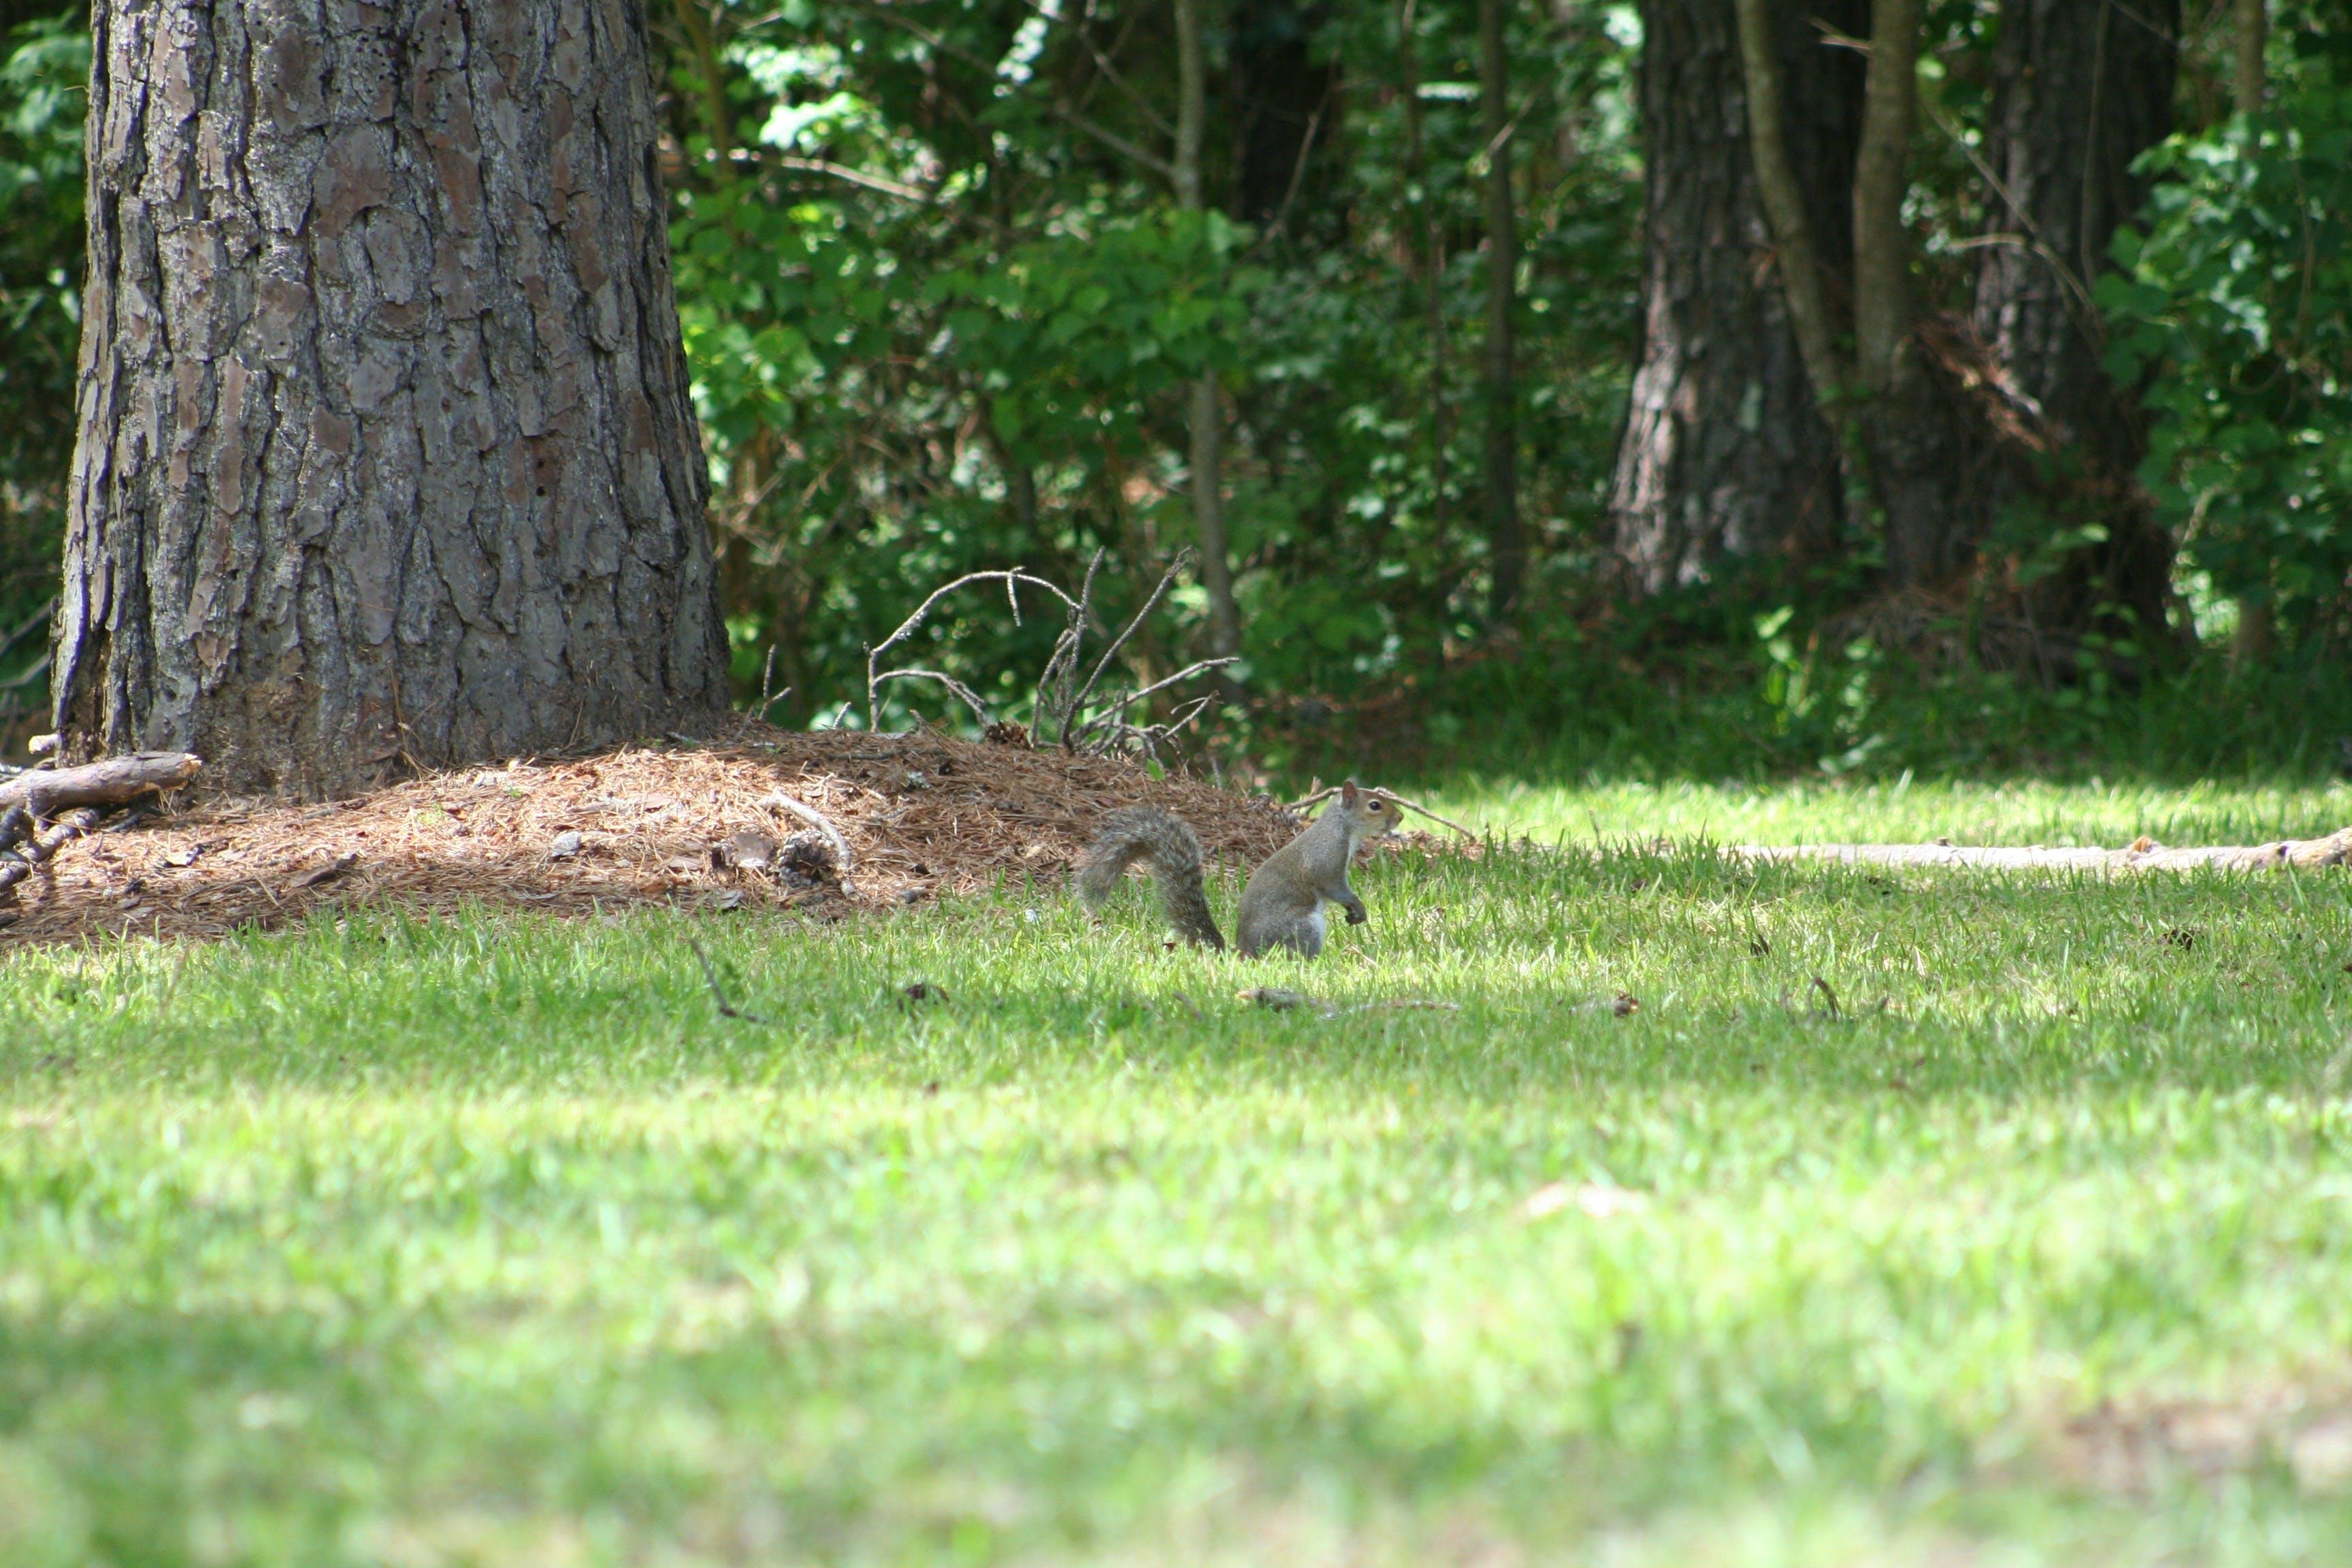 Gratis lagerfoto af egern, fyrretræ, grønt græs, natur